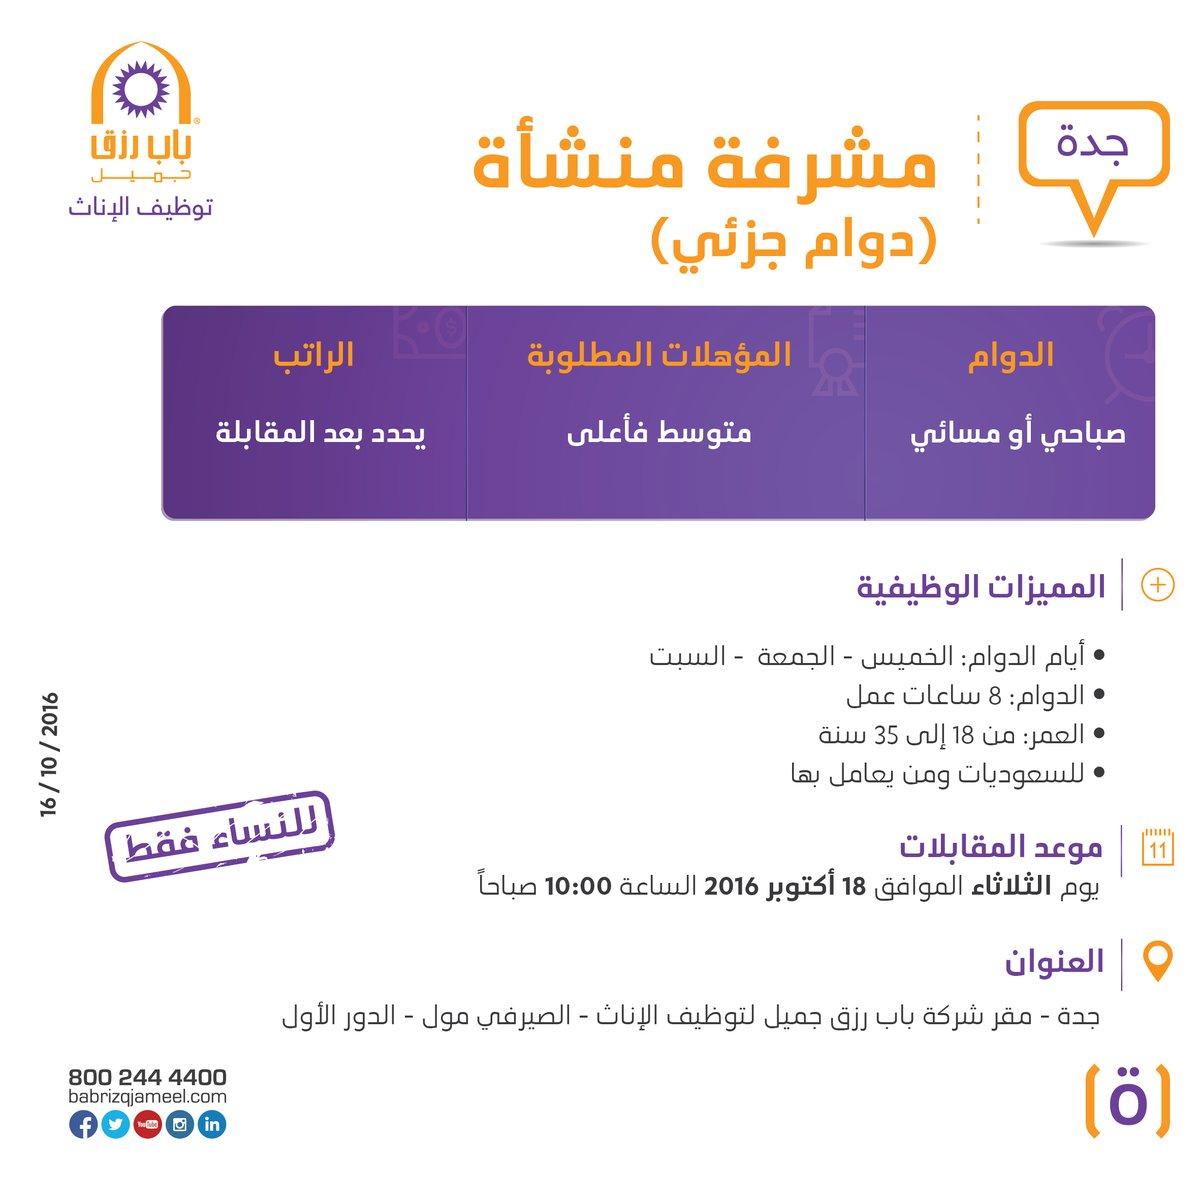 غدا الثلاثاء التقديم على وظيفة مشرفة منشأة بدوام جزئي - جدة